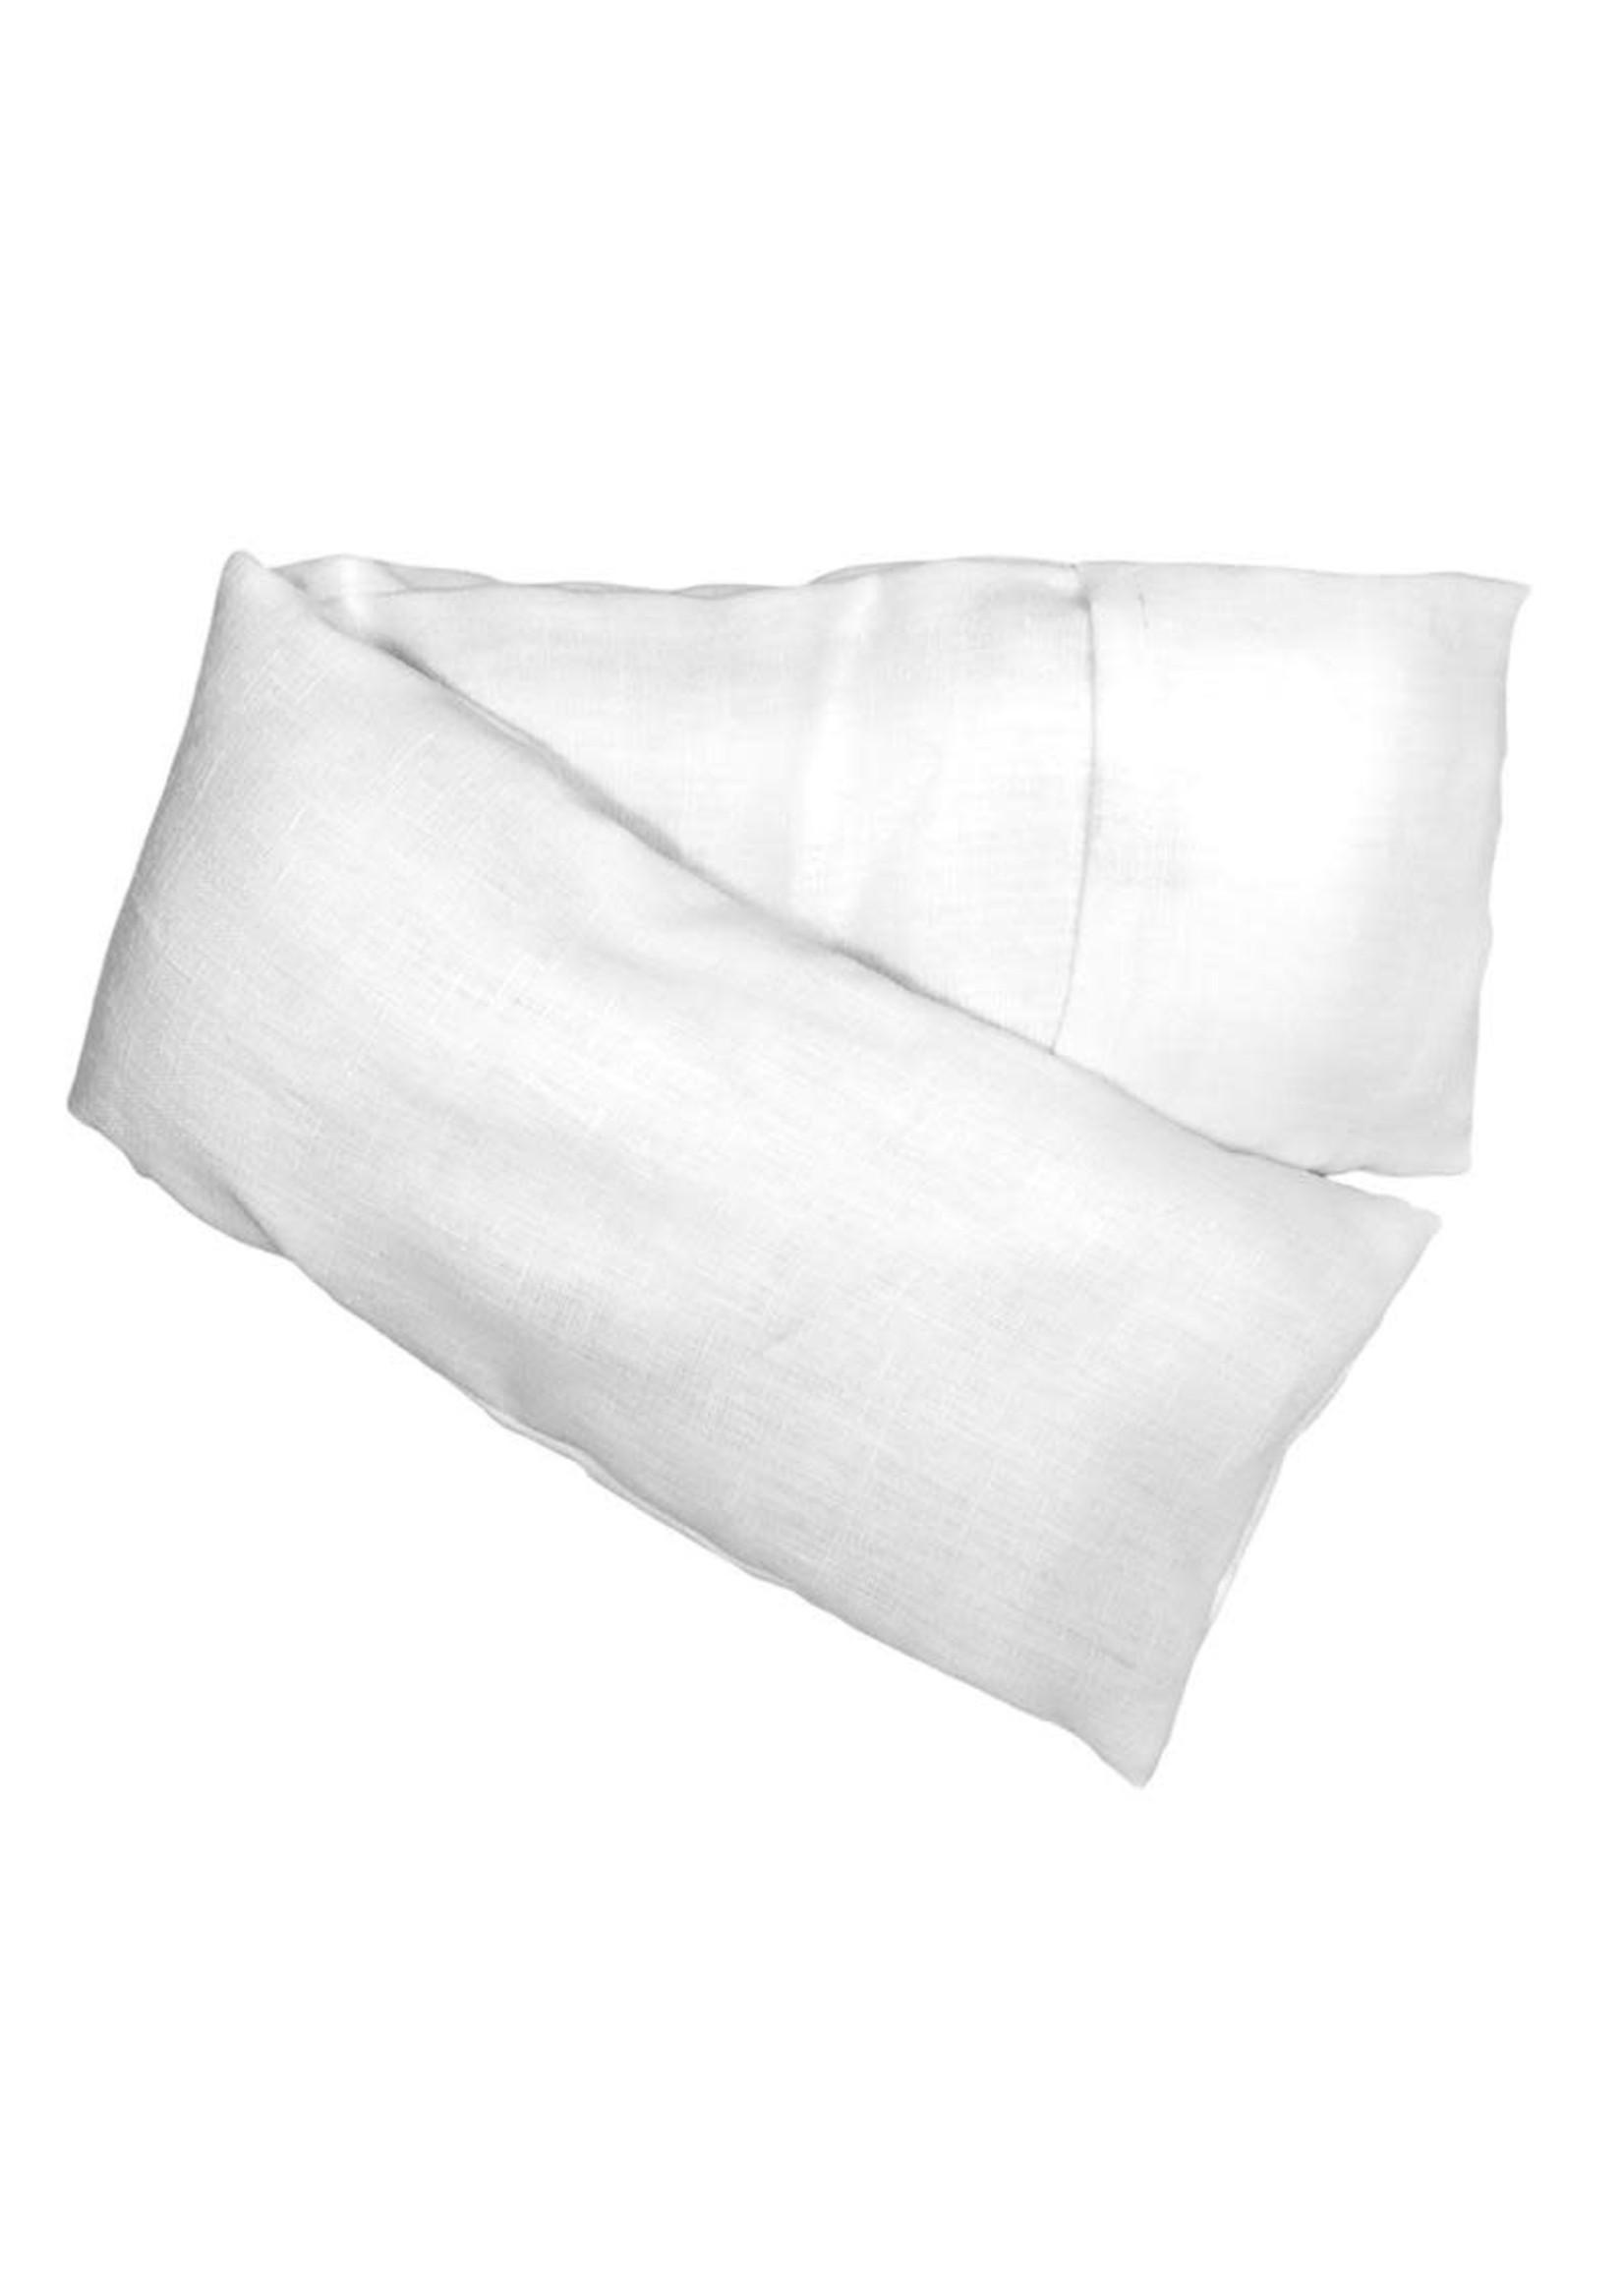 Elizabeth W Hot/Cold Pack - Washed Linen Ivory